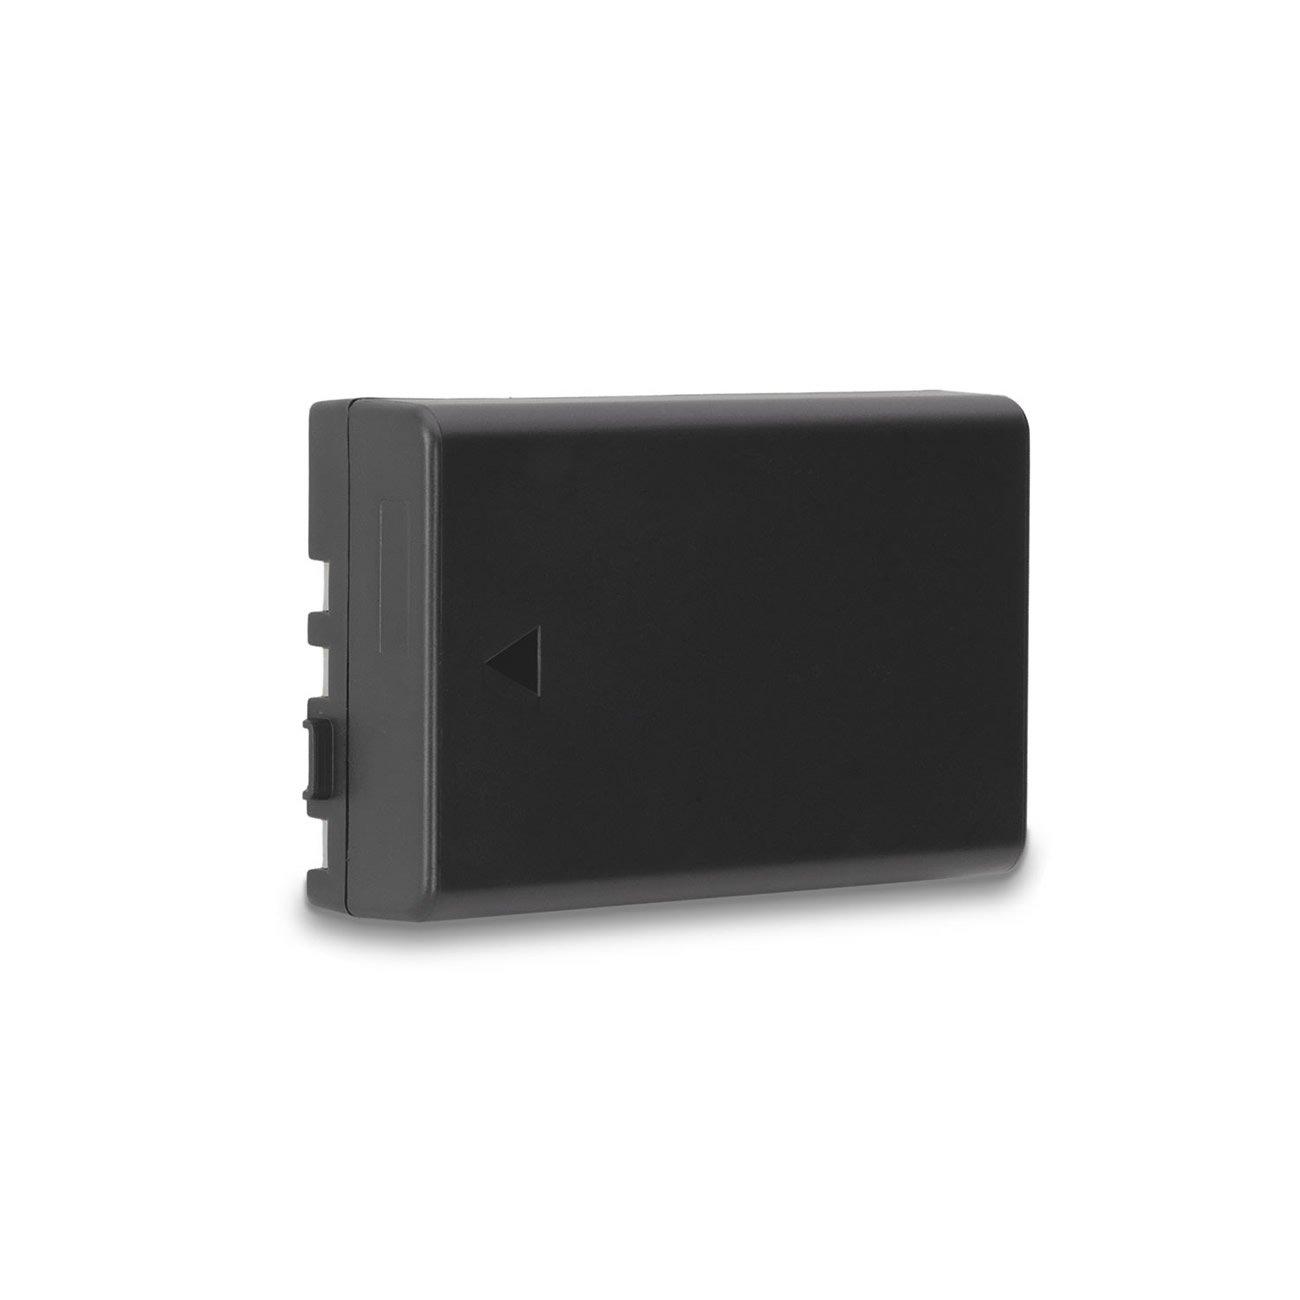 K-r y mucho m/ás/… K-50 K-30 Bater/ía D-Li109 DLi109 para Pentax K-2 Li-ion; 900mAh; 7.4V K-500